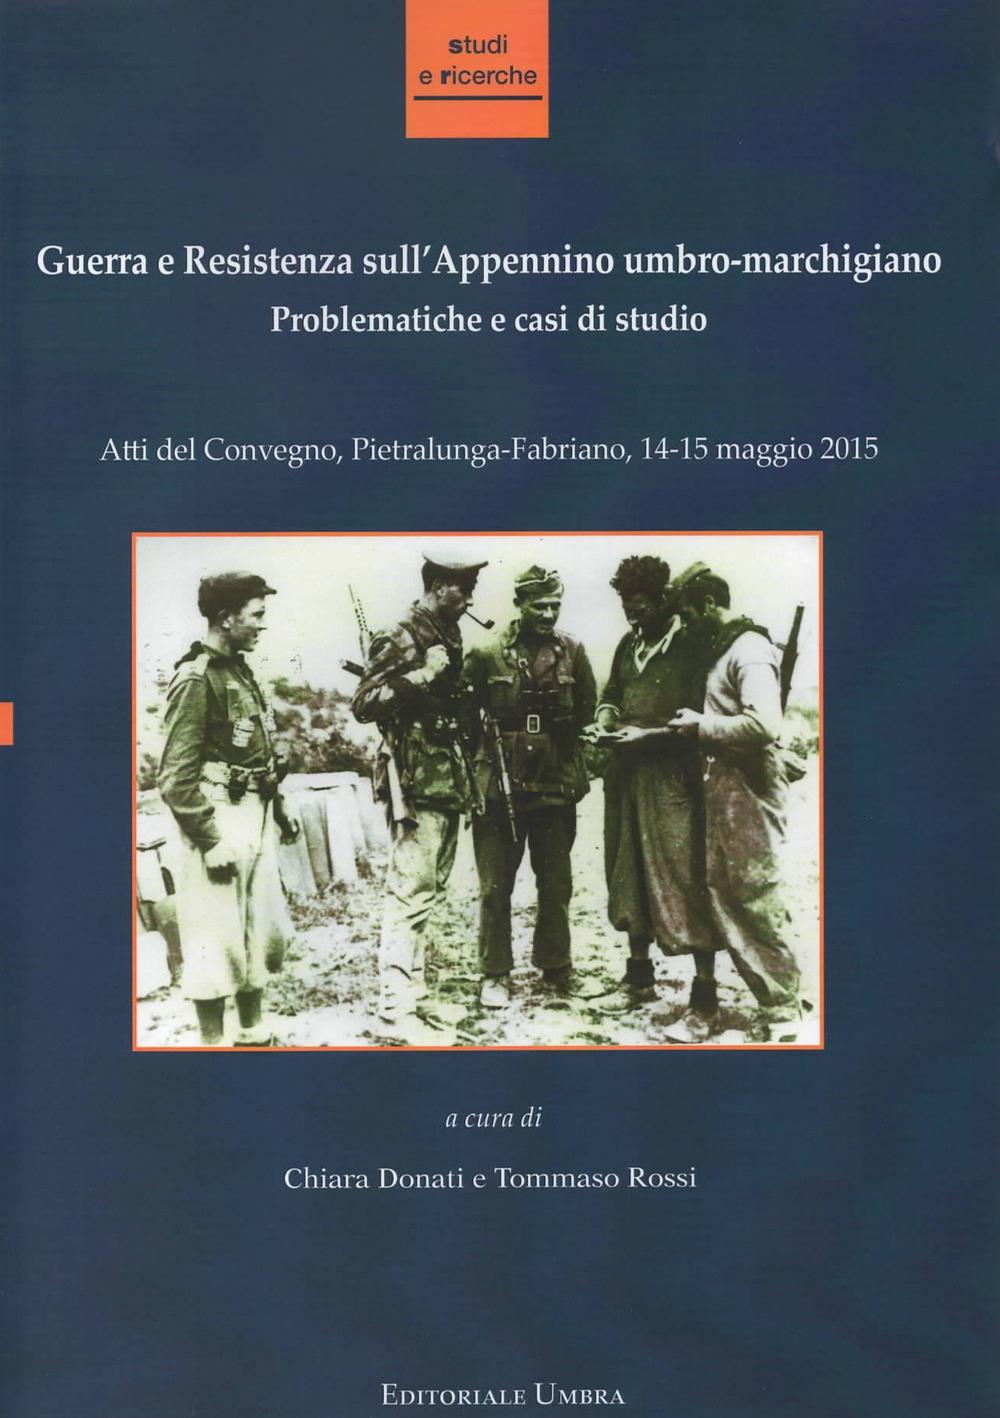 Guerra e Resistenza sull'Appennino umbro-marchigiano. Problematiche e casi di studio. Atti del Convegno (Pietralunga-Fabriano, 14-15 maggio 2015)